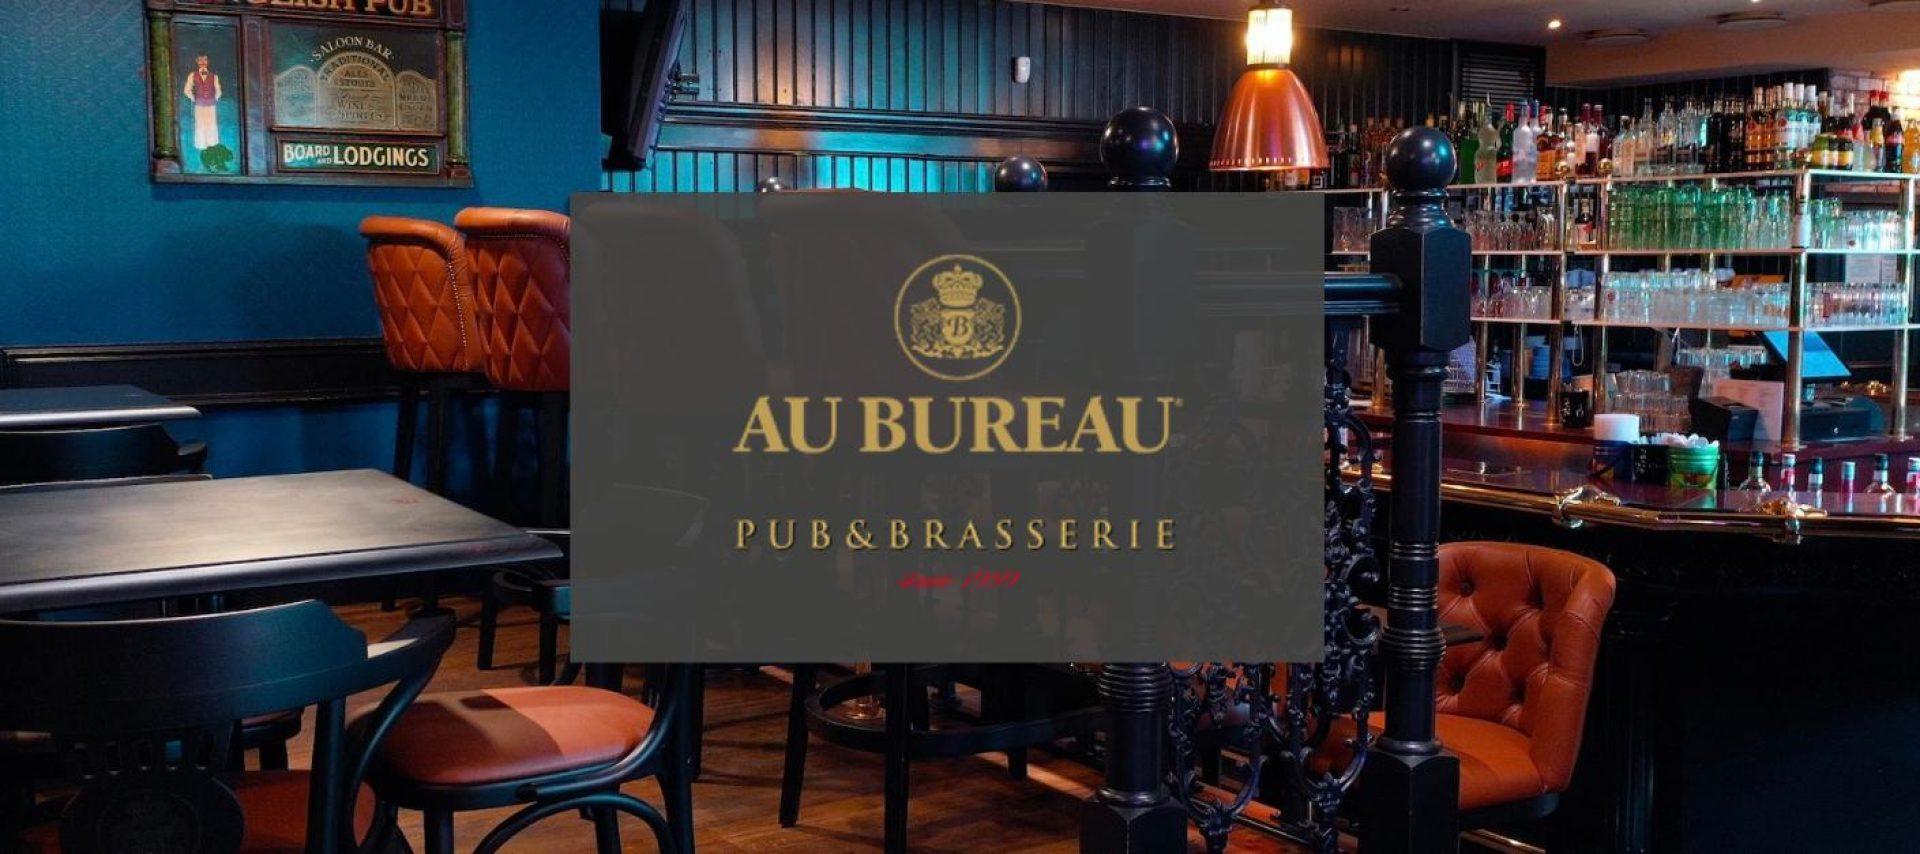 Evian Resort : la gourmandise à domicile du Pub Au Bureau Le Meilleur Chez Vous